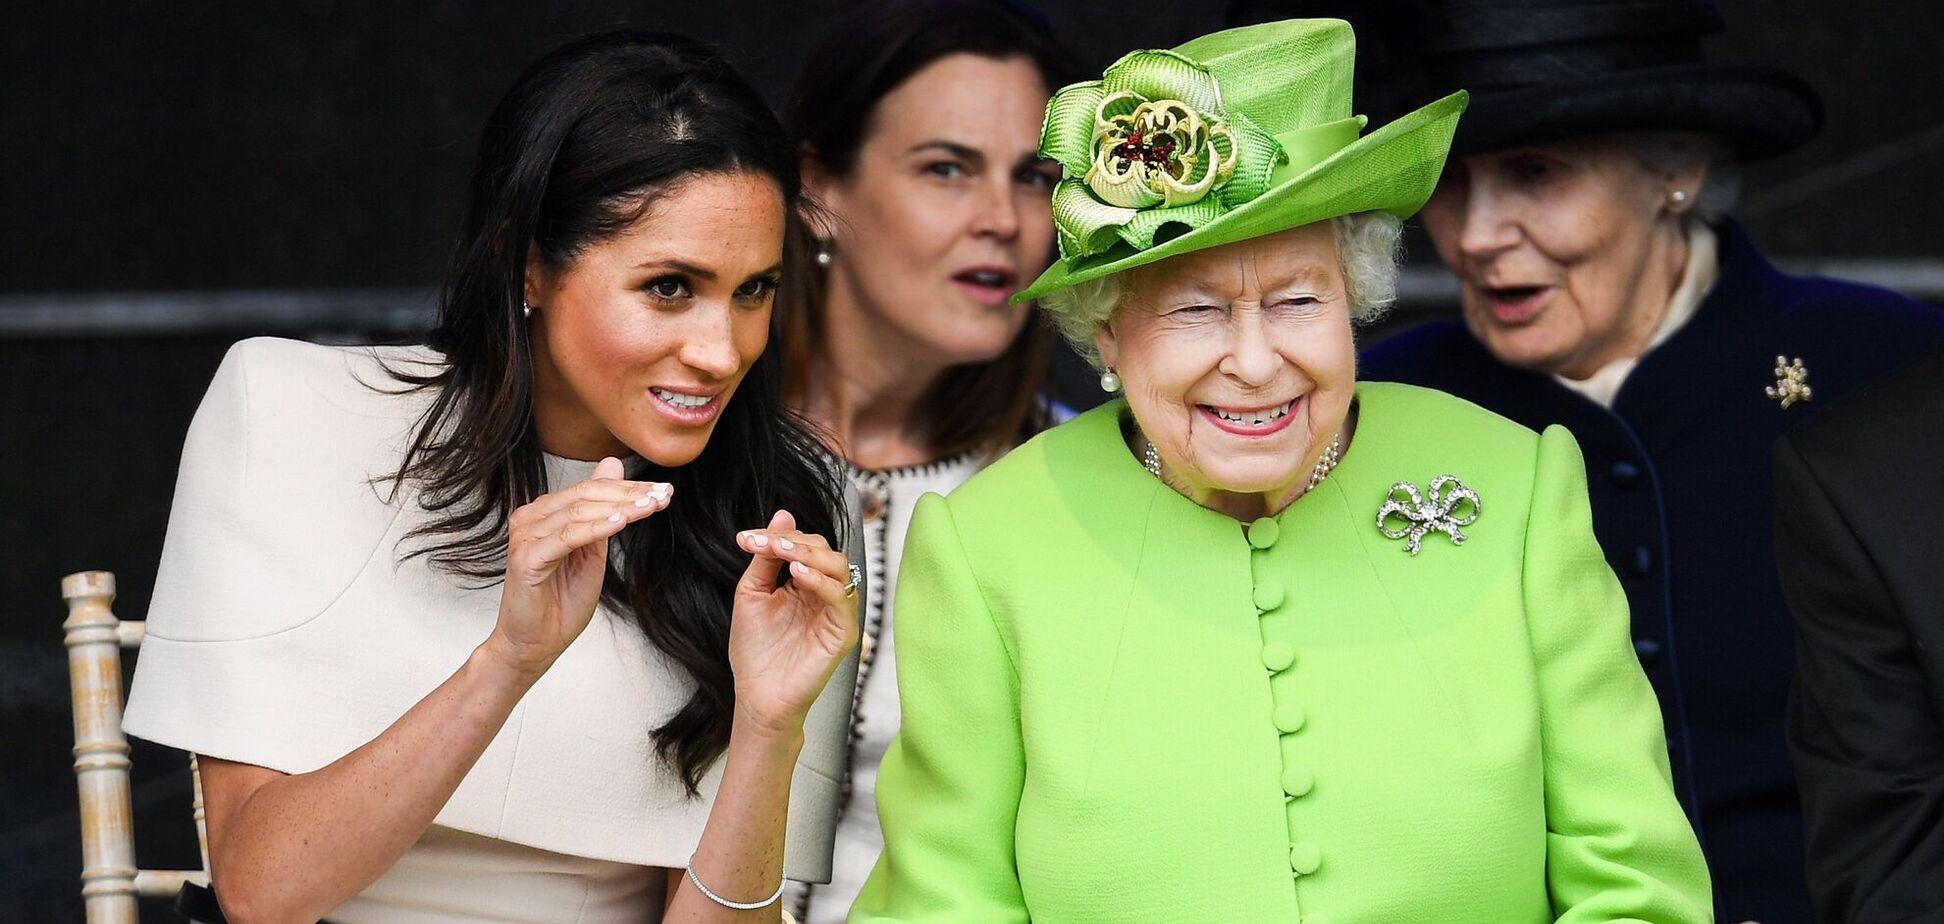 Королева Єлизавета ІІ привітала Маркл з днем народження